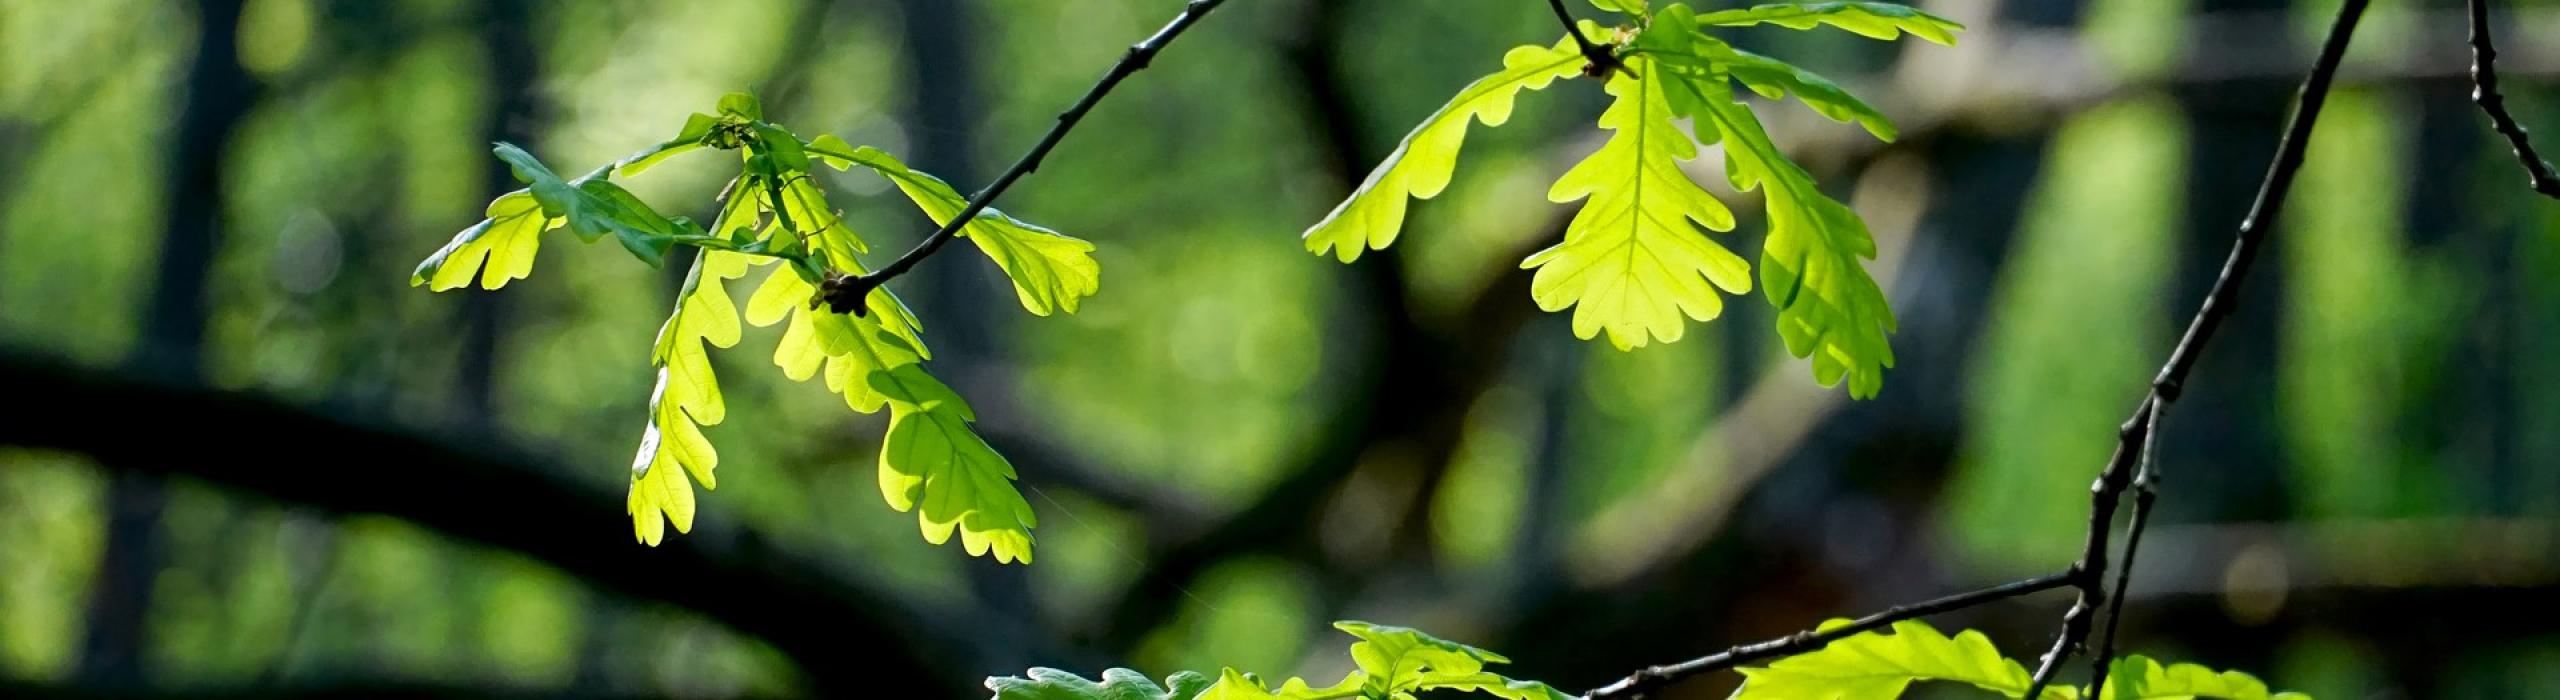 leaf-3335211_1920_slider_01